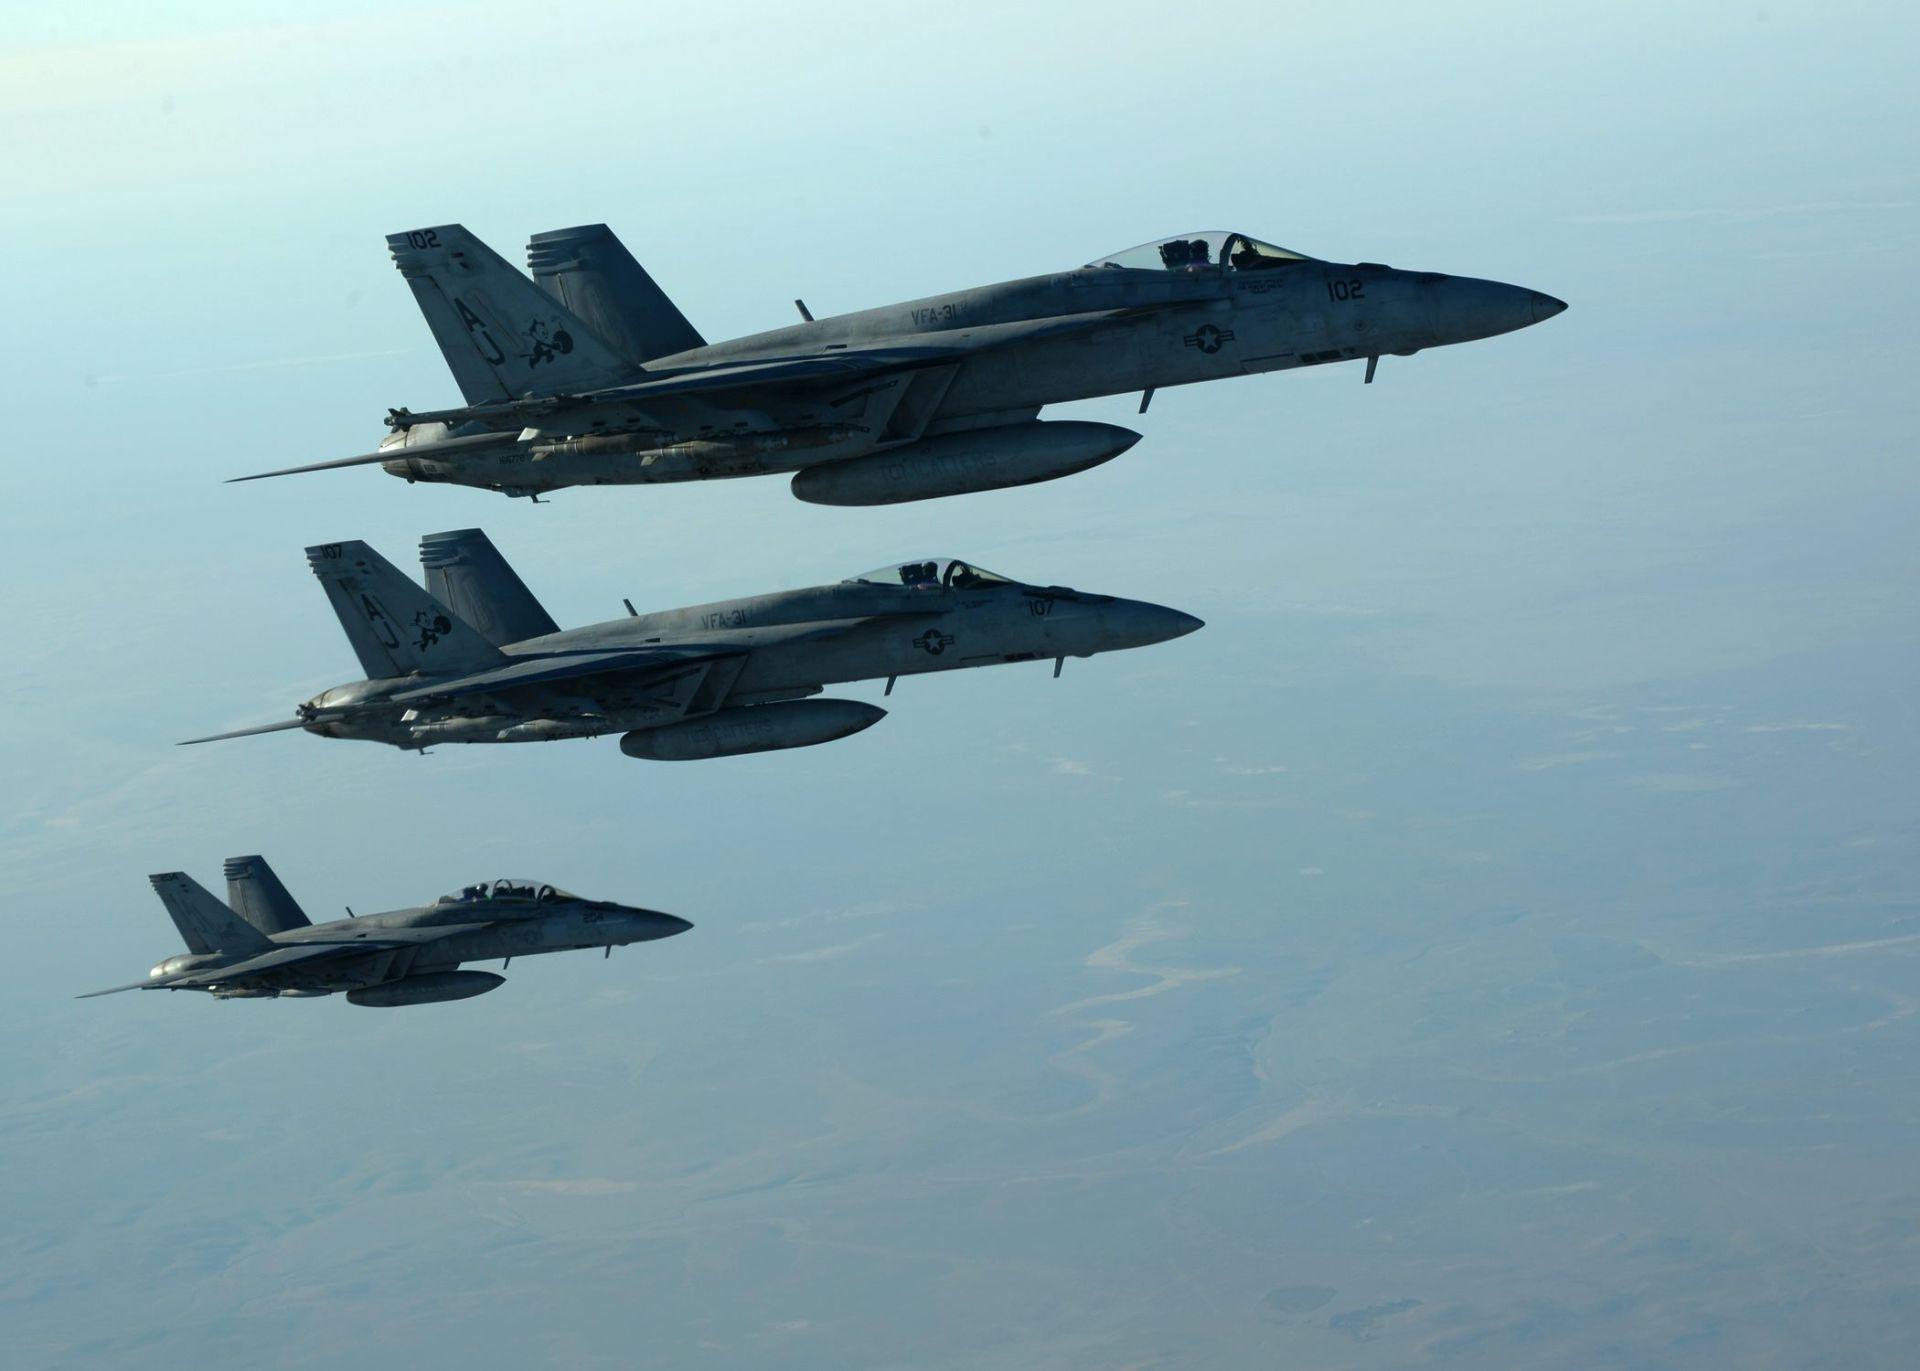 Plenković najavio odluku o nabavi borbenih zrakoplova idućih tjedana